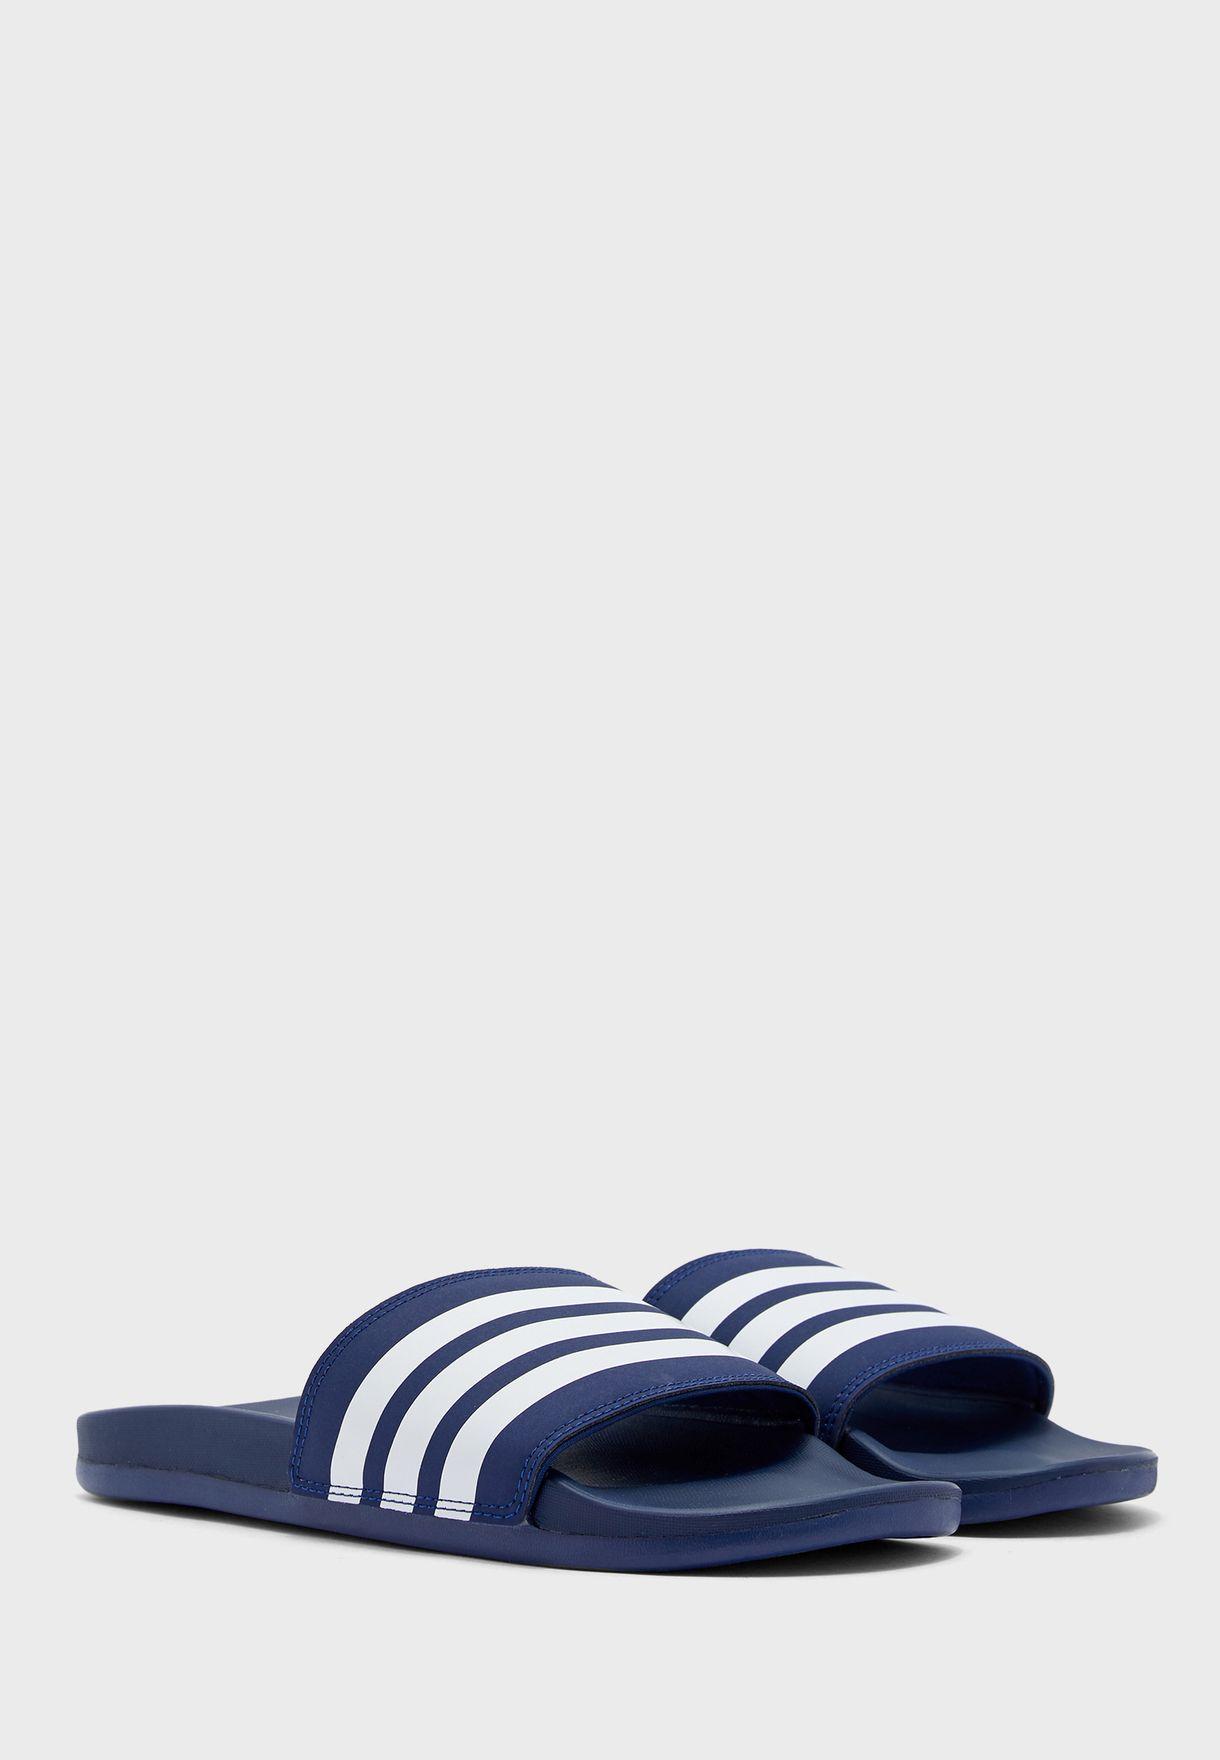 Adilette Comfort Slides